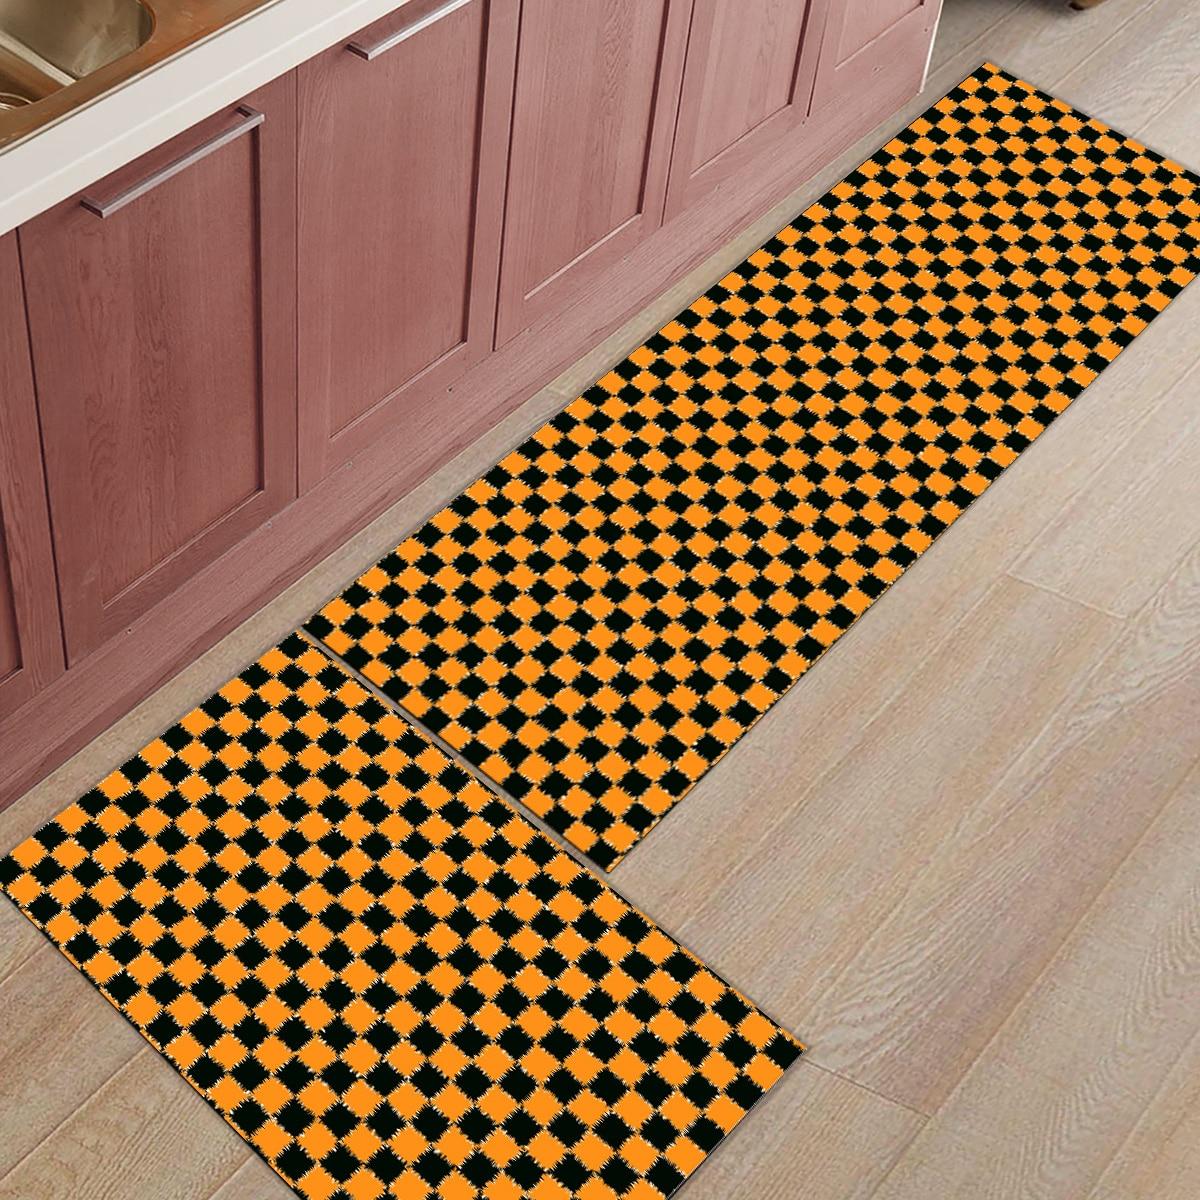 Treillis ethnique moderne 2 pièces tapis de cuisine paillassons pour entrée salle de bain accessoires Set chaussures de démarrage grattoir tapis de sol